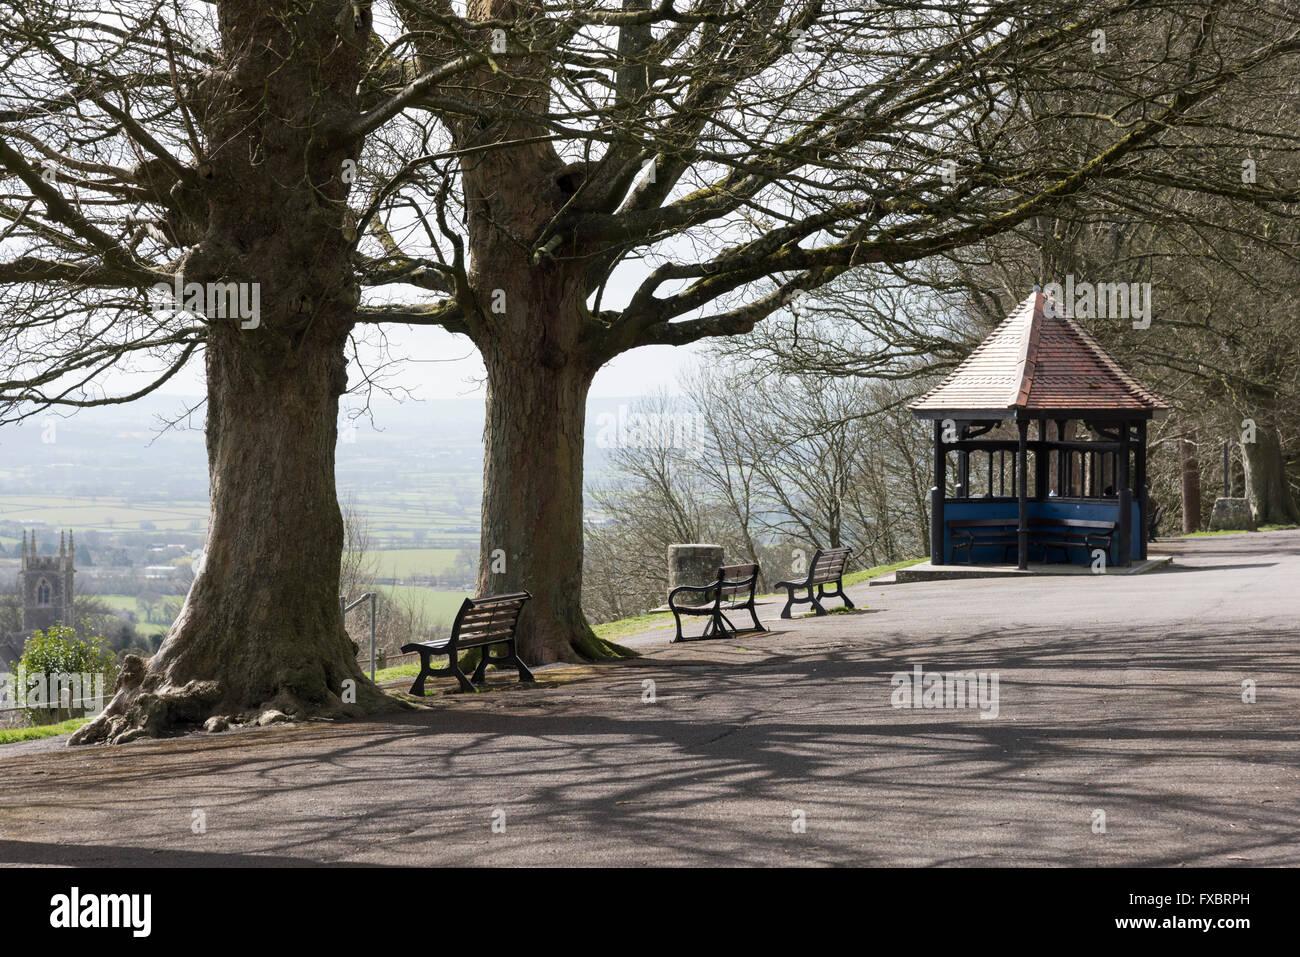 Abbey Walk Shaftesbury Dorset UK - Stock Image